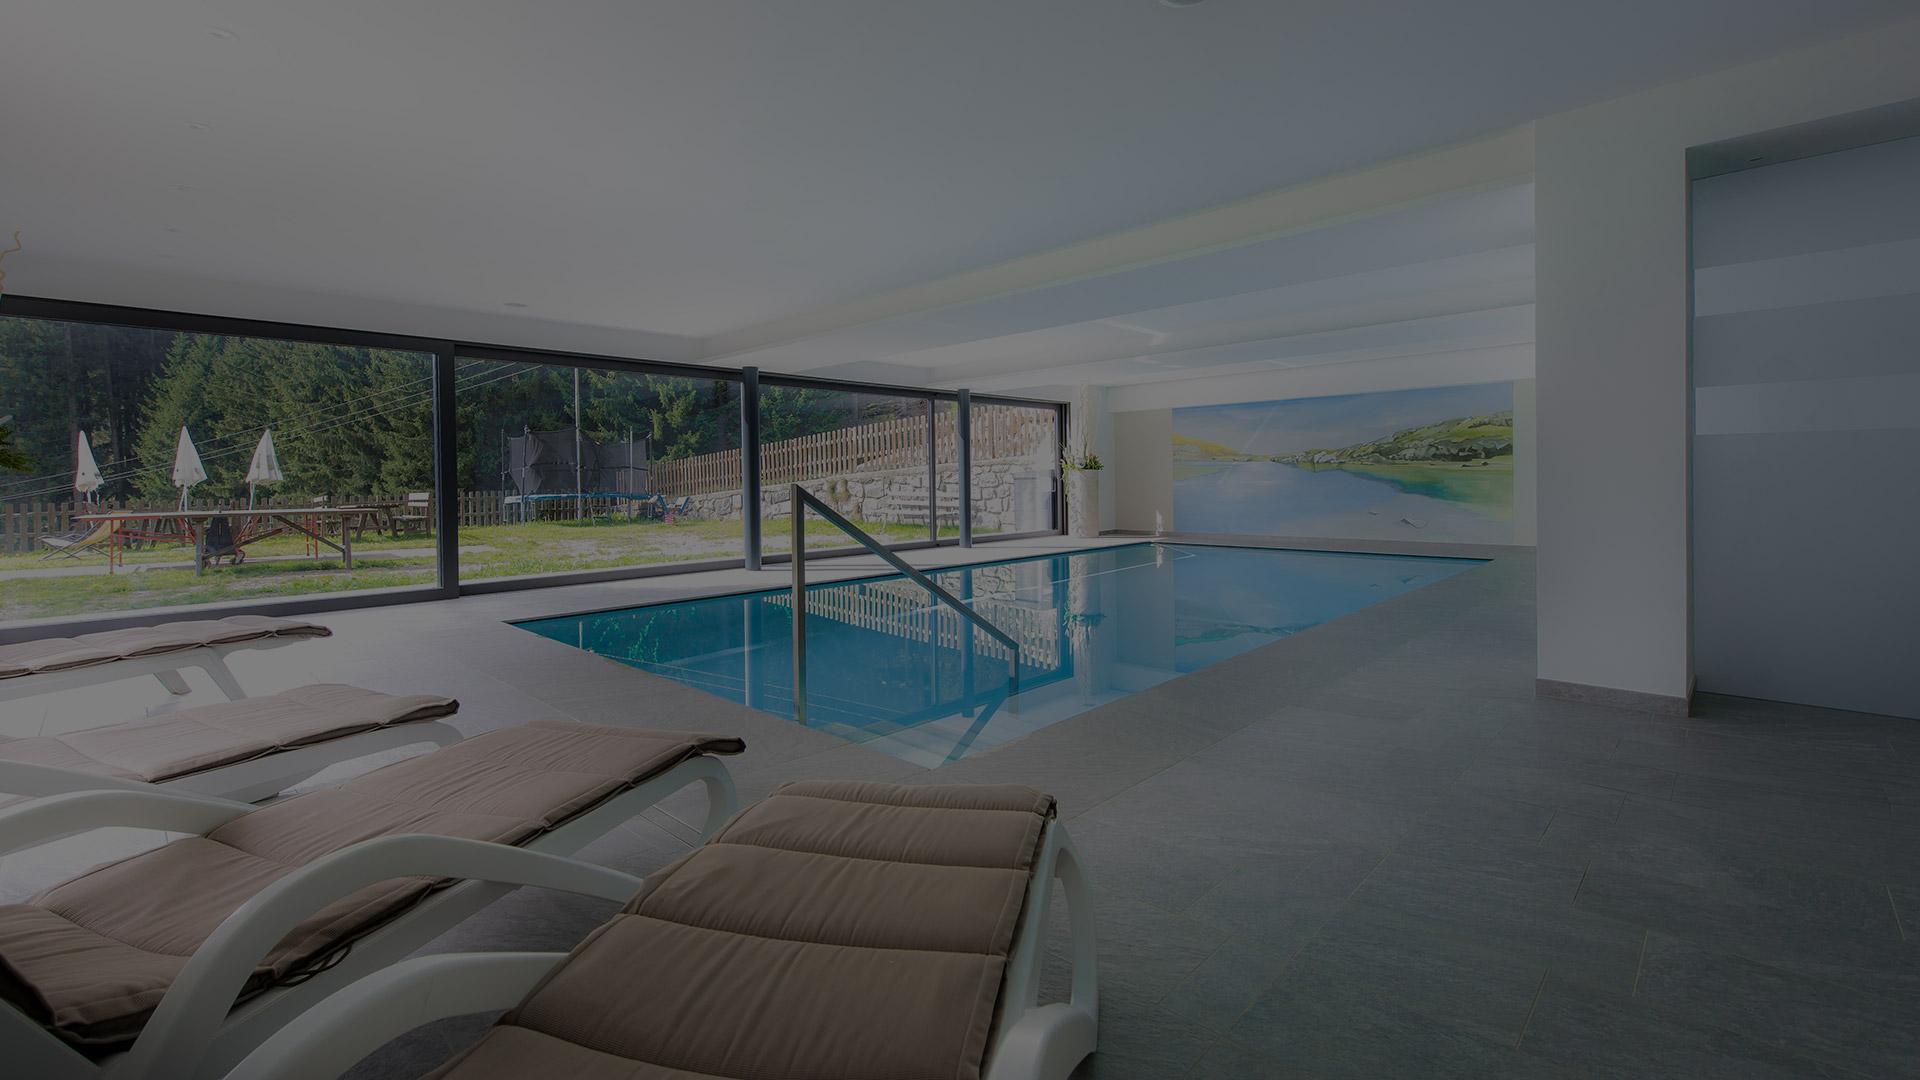 Neues Hallenbad und Sauna | Hotel Restaurant Rabenstein Sarntal